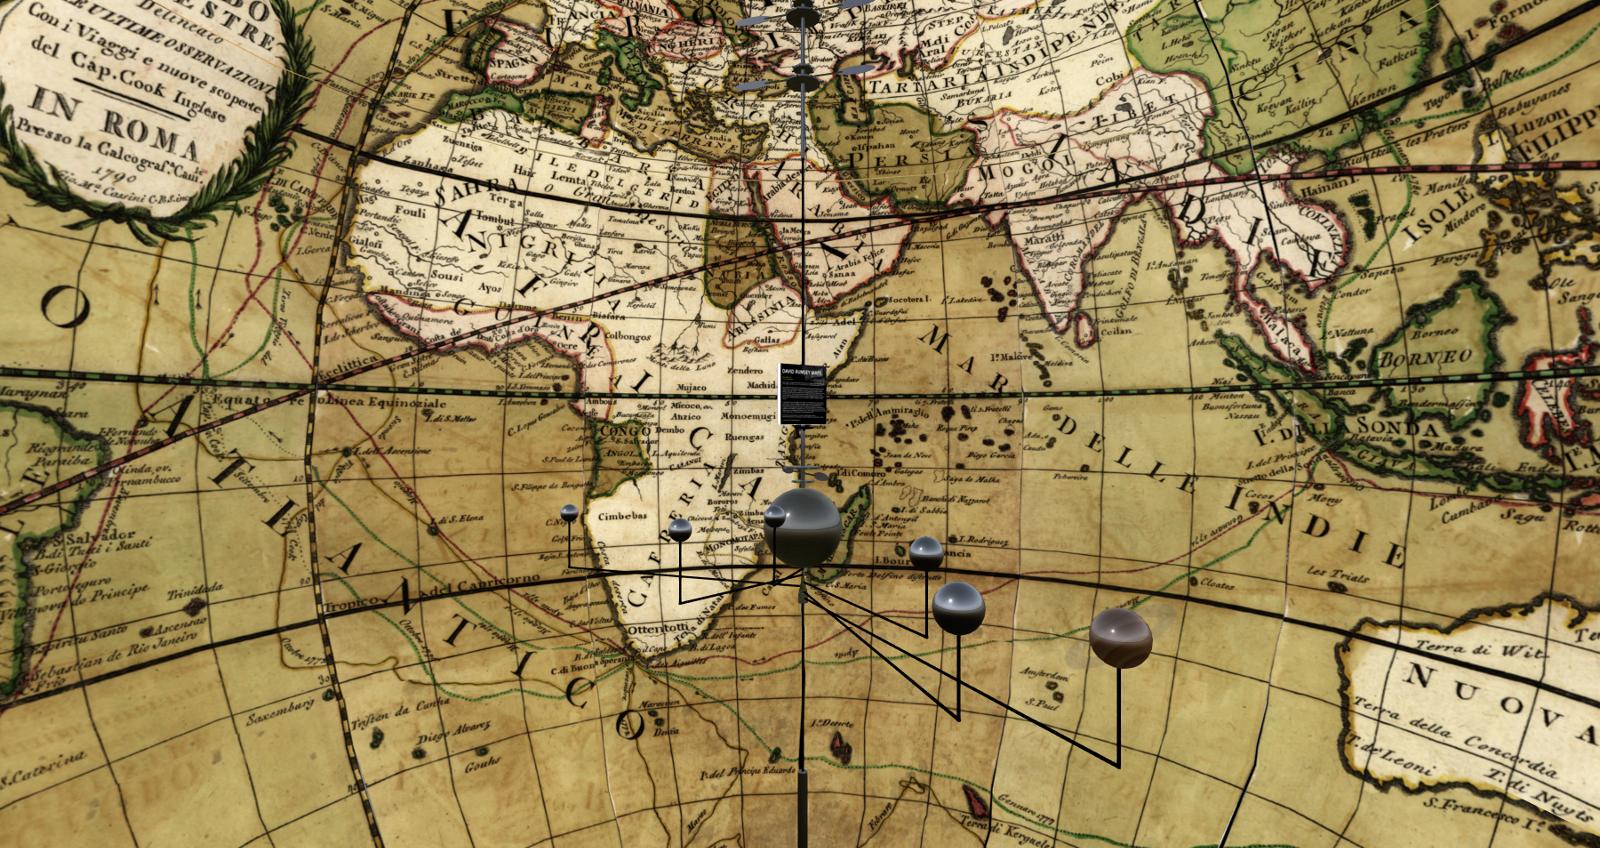 Inside the earth globe